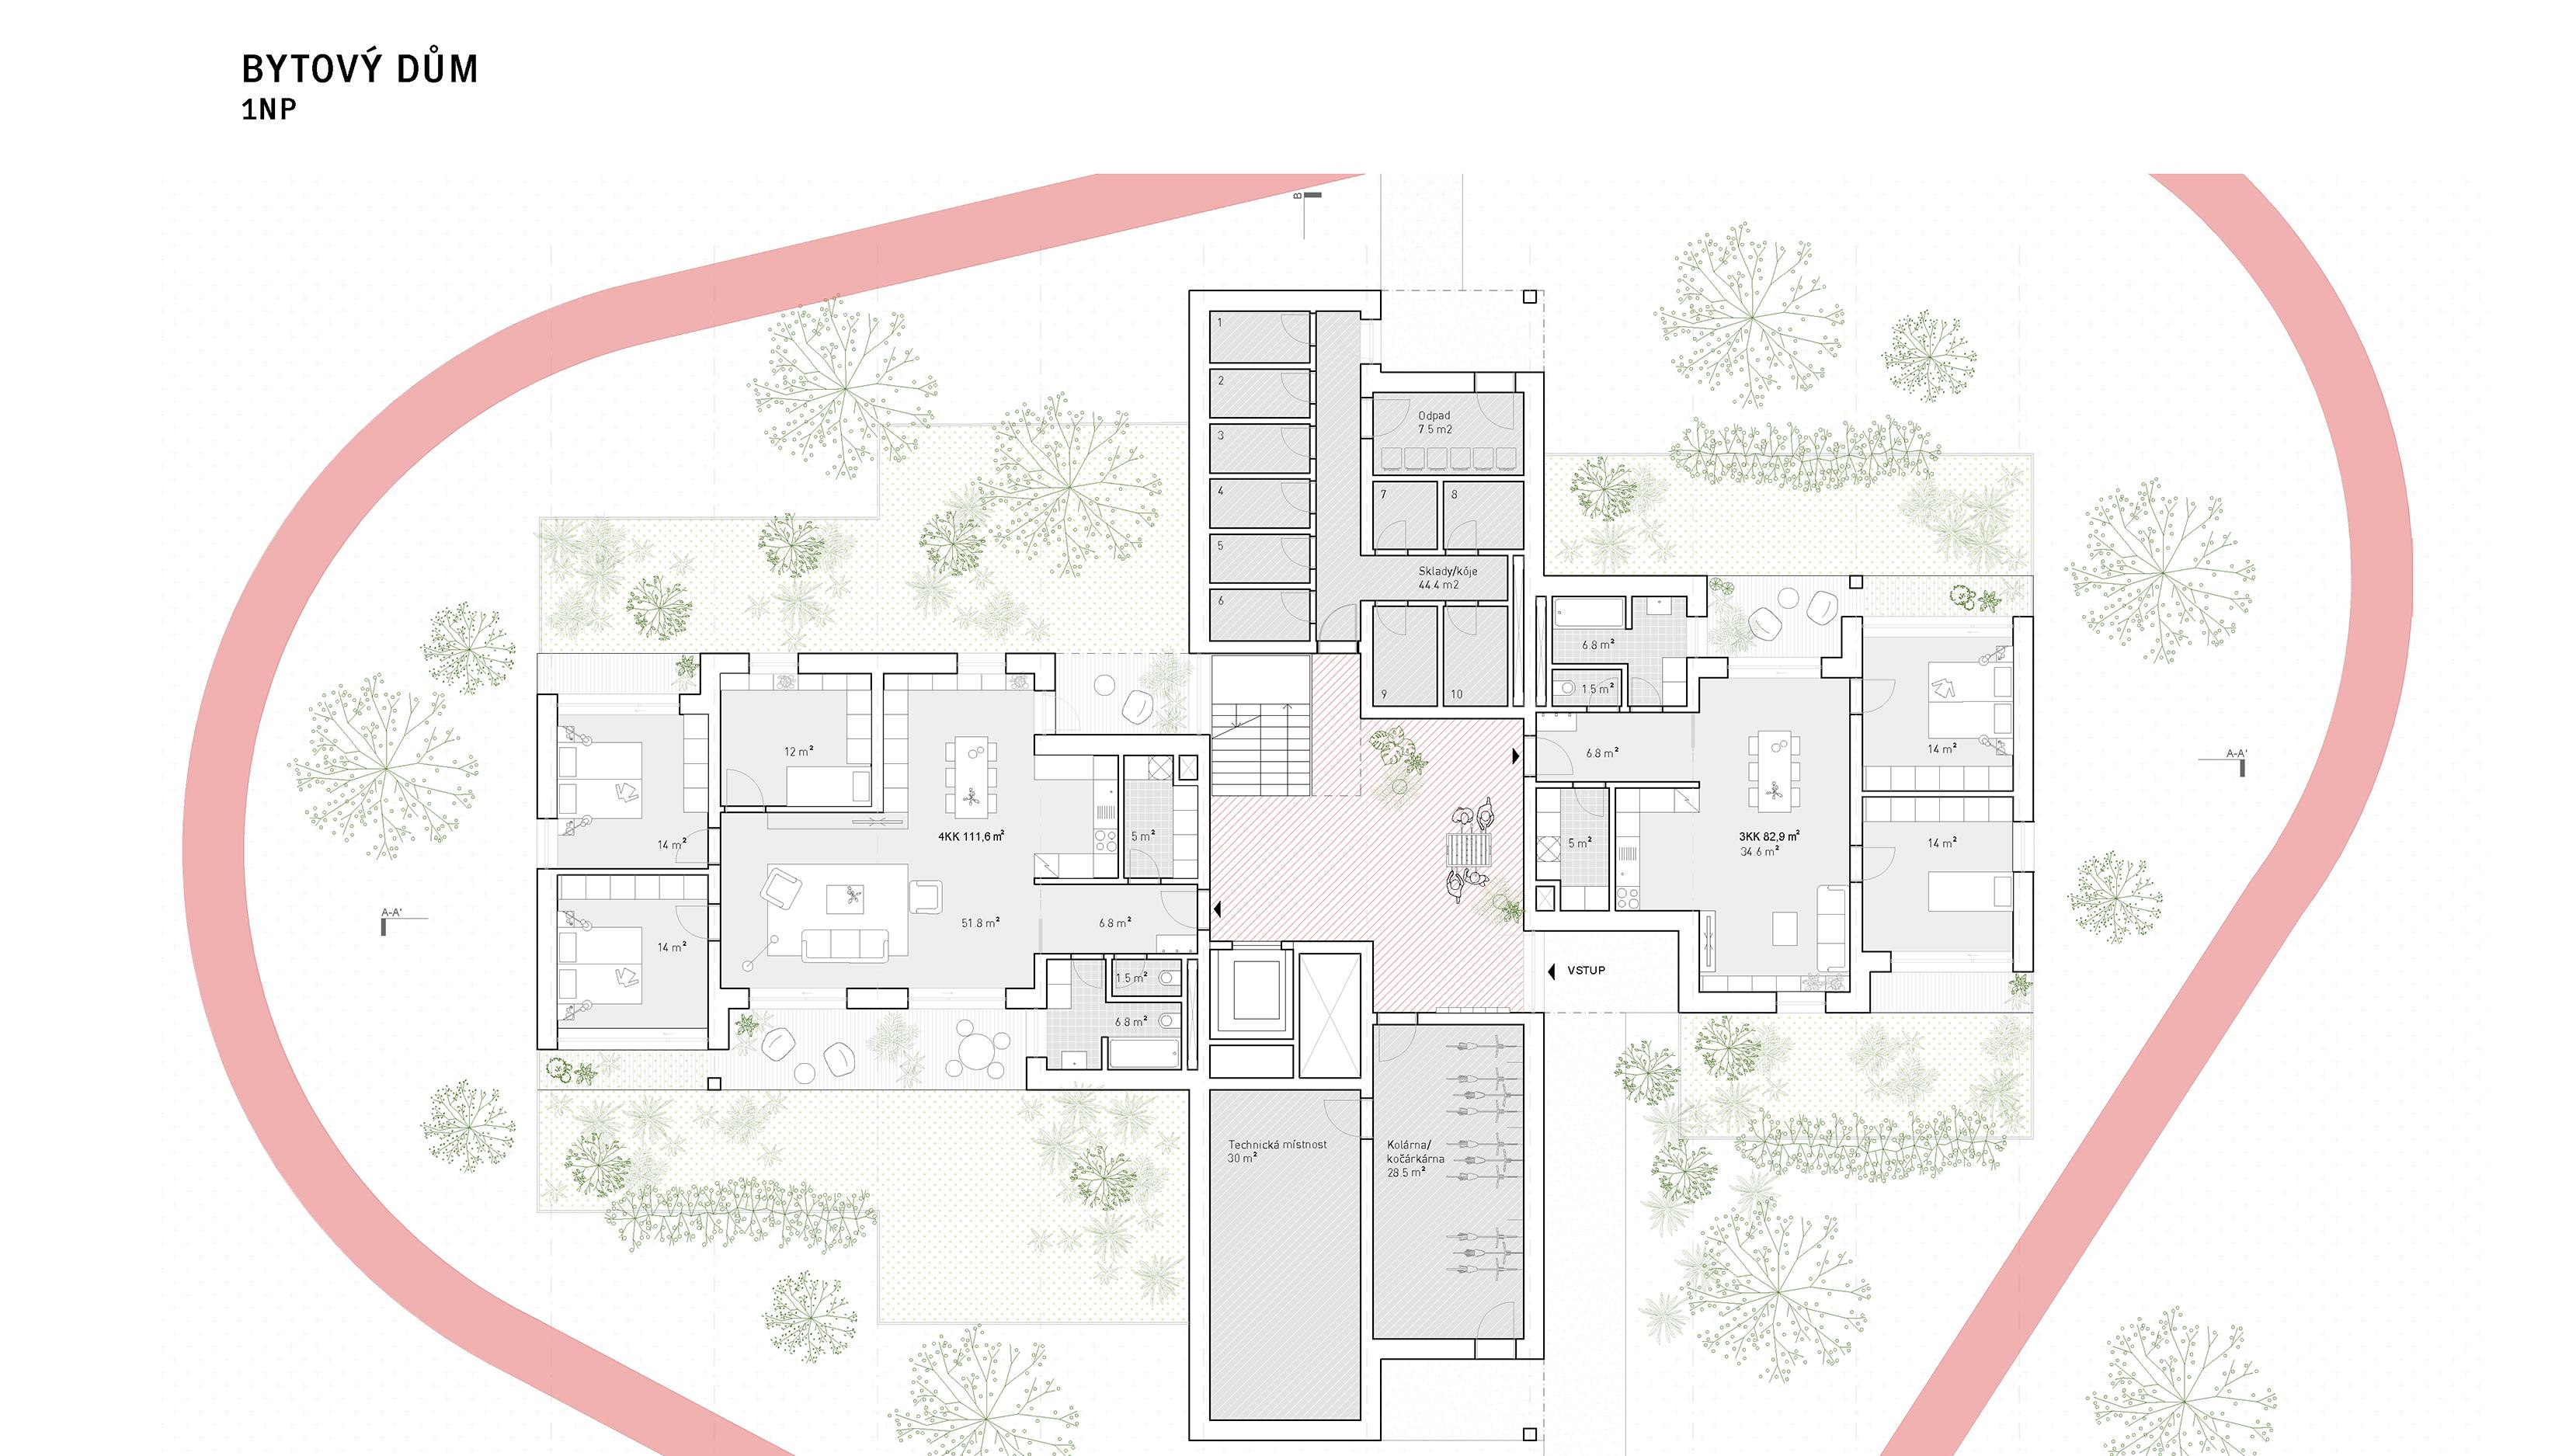 layout_case_0004_200605_Zdrave-domy_chkau_Page_73